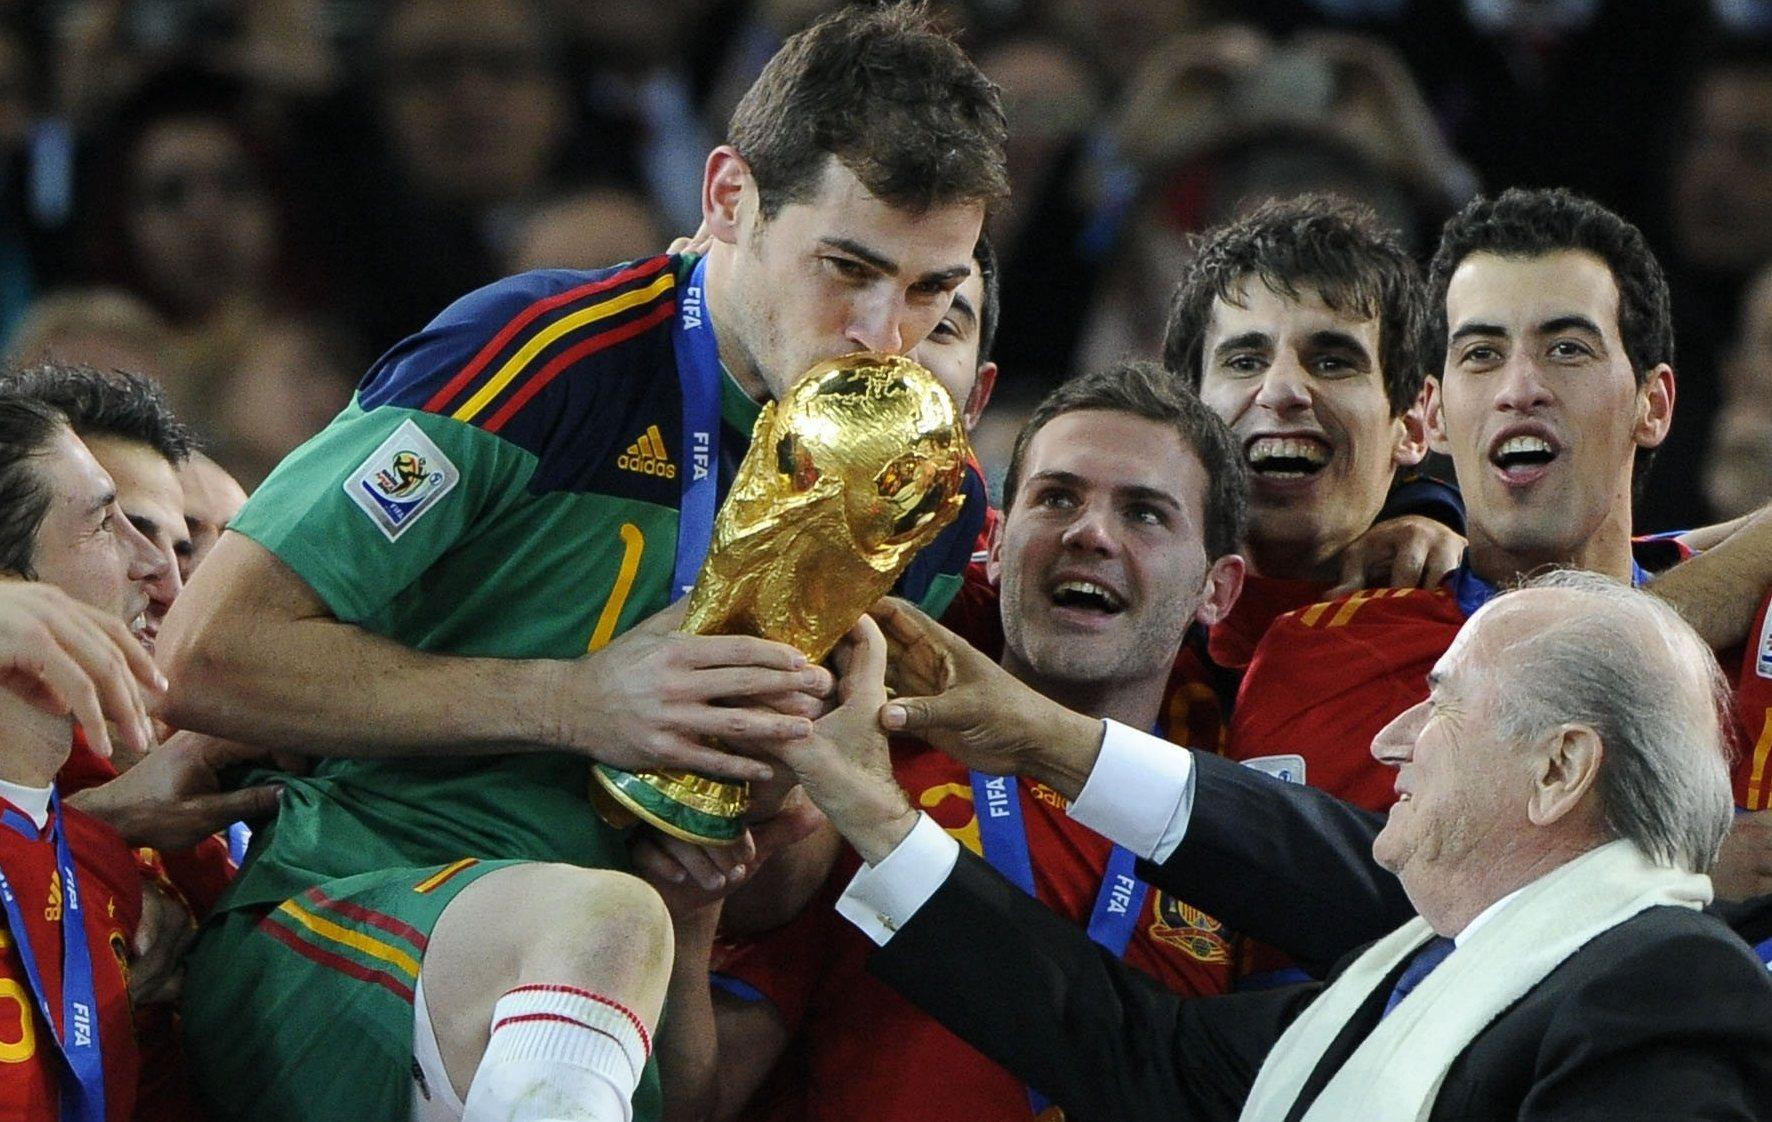 Mondial 2014 25 6 m pour le vainqueur 2014 br sil coupe du monde football - Vainqueur coupe du monde football ...